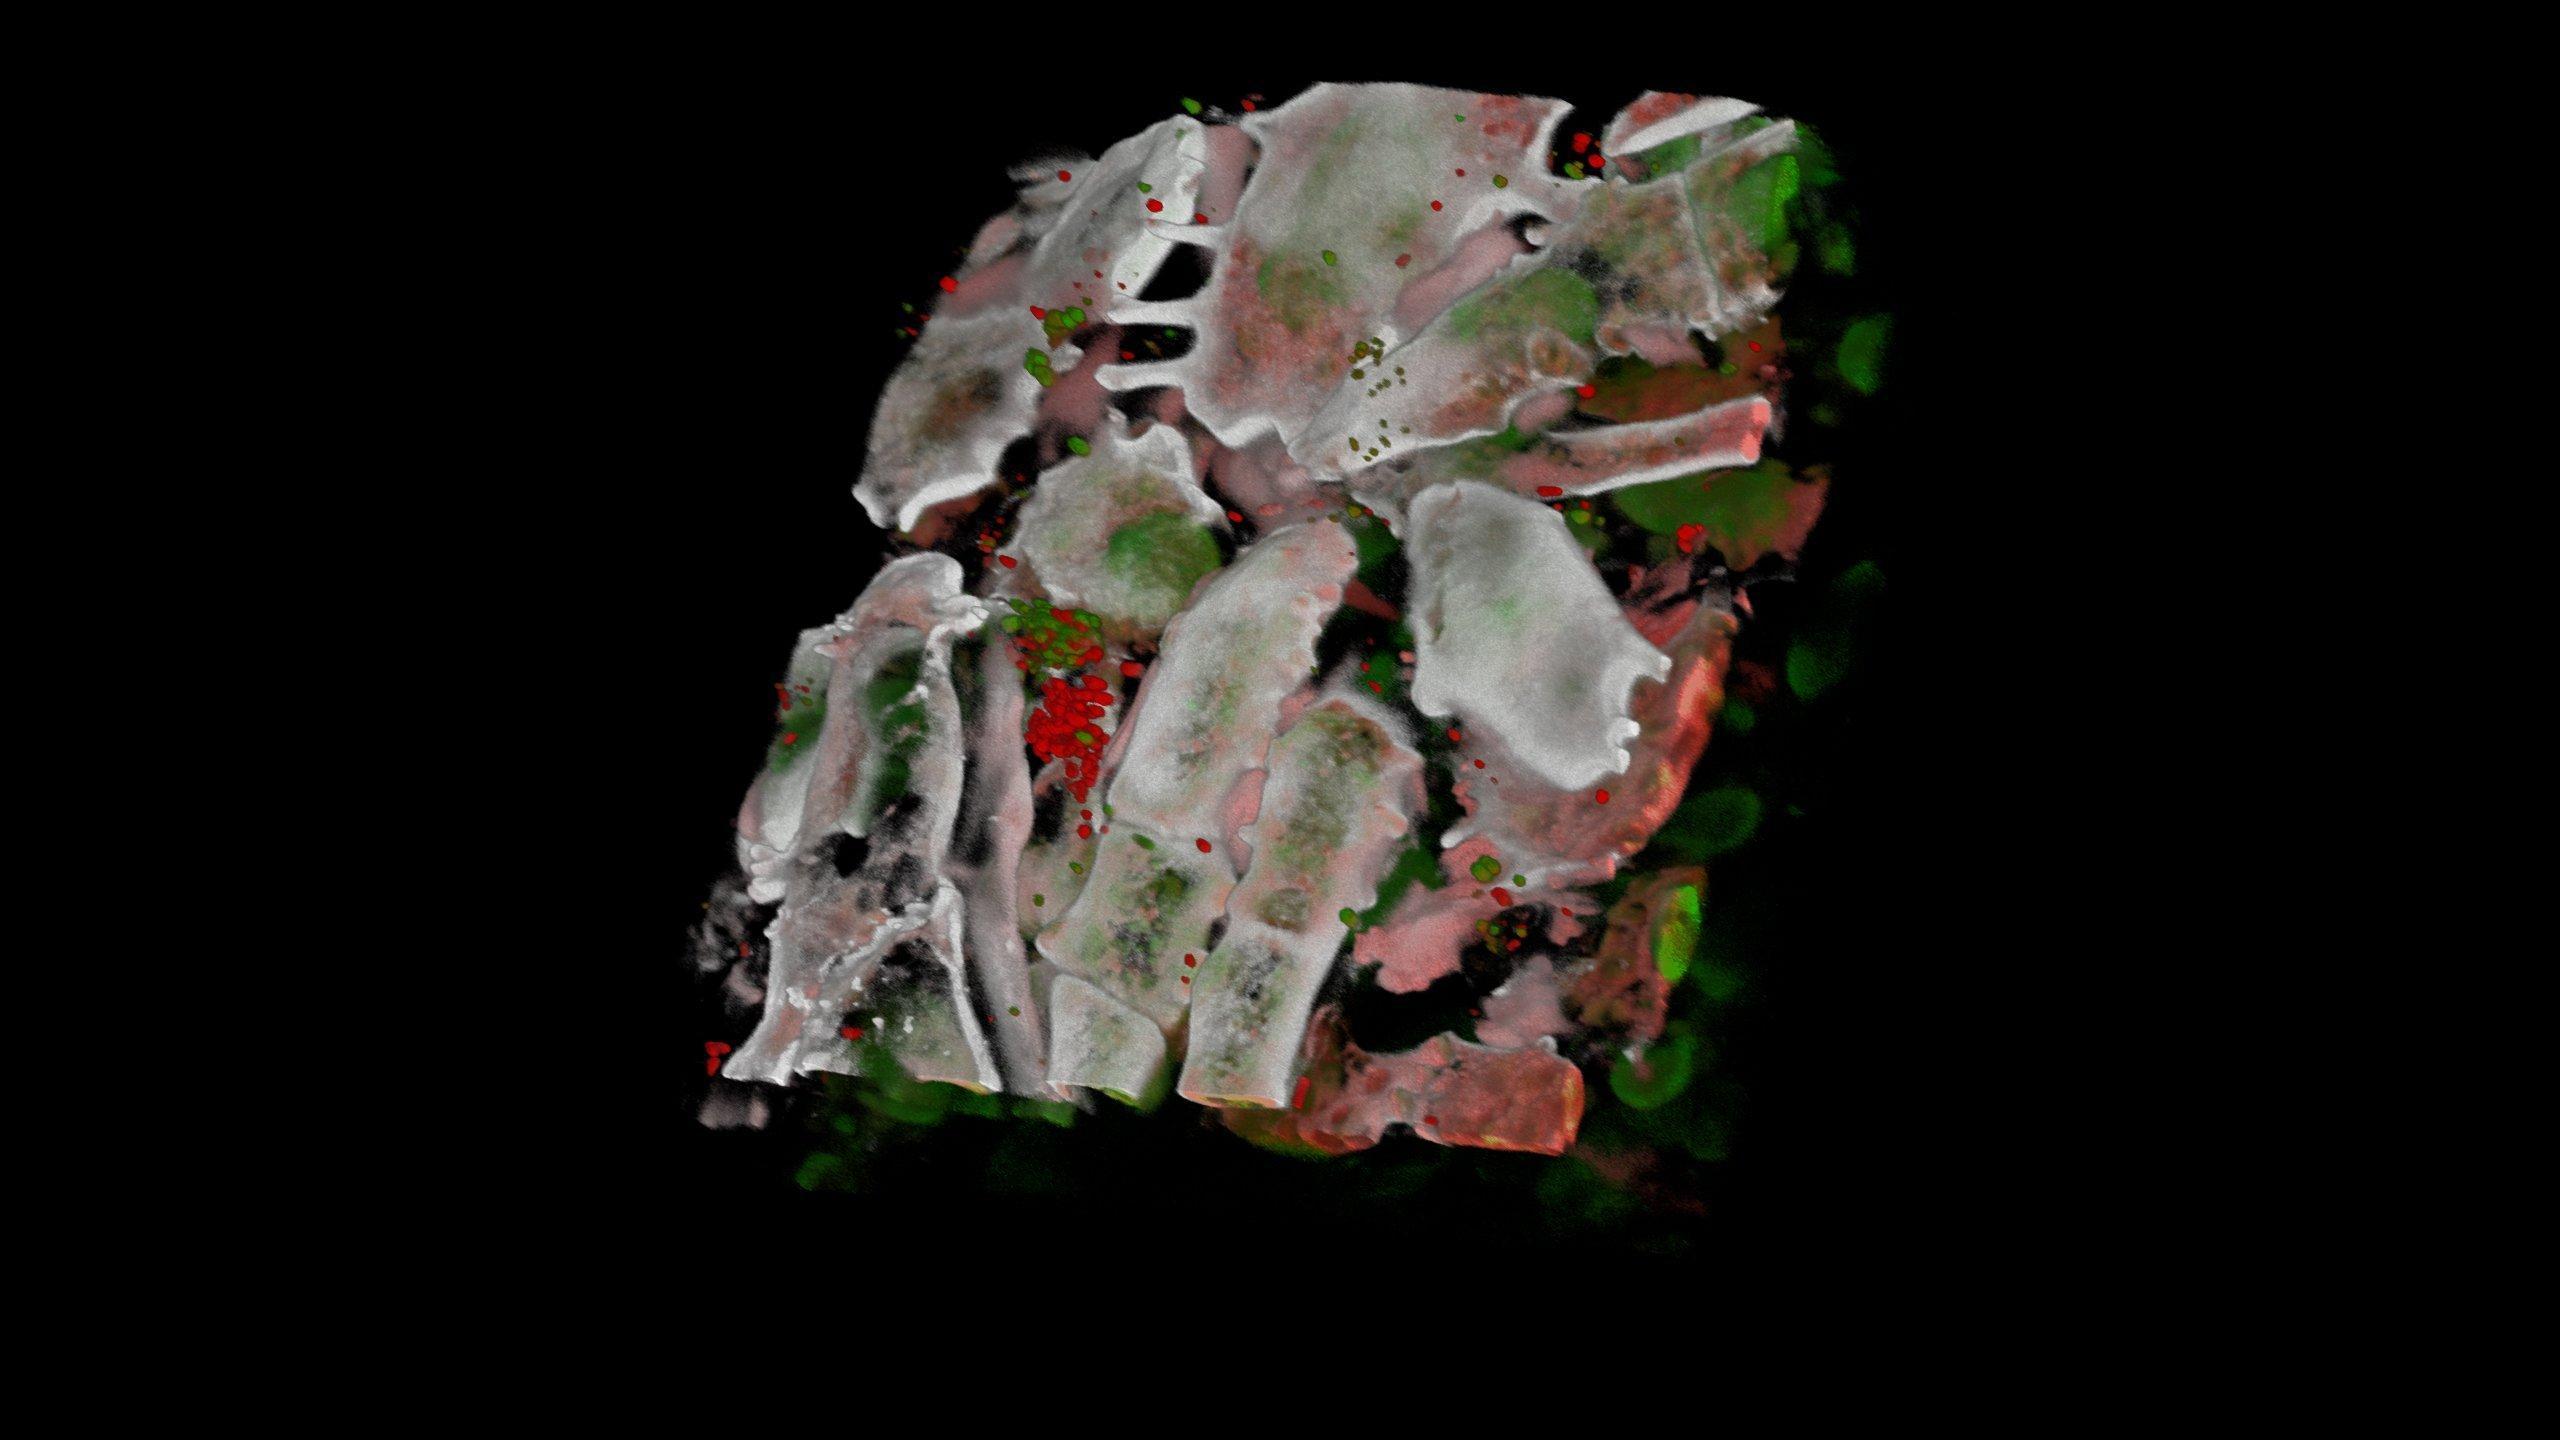 Im Bild ist eine Mikroskopaufnahme einer Apfelschale zu sehen. Man sieht die Mikroorganismen der Schale.